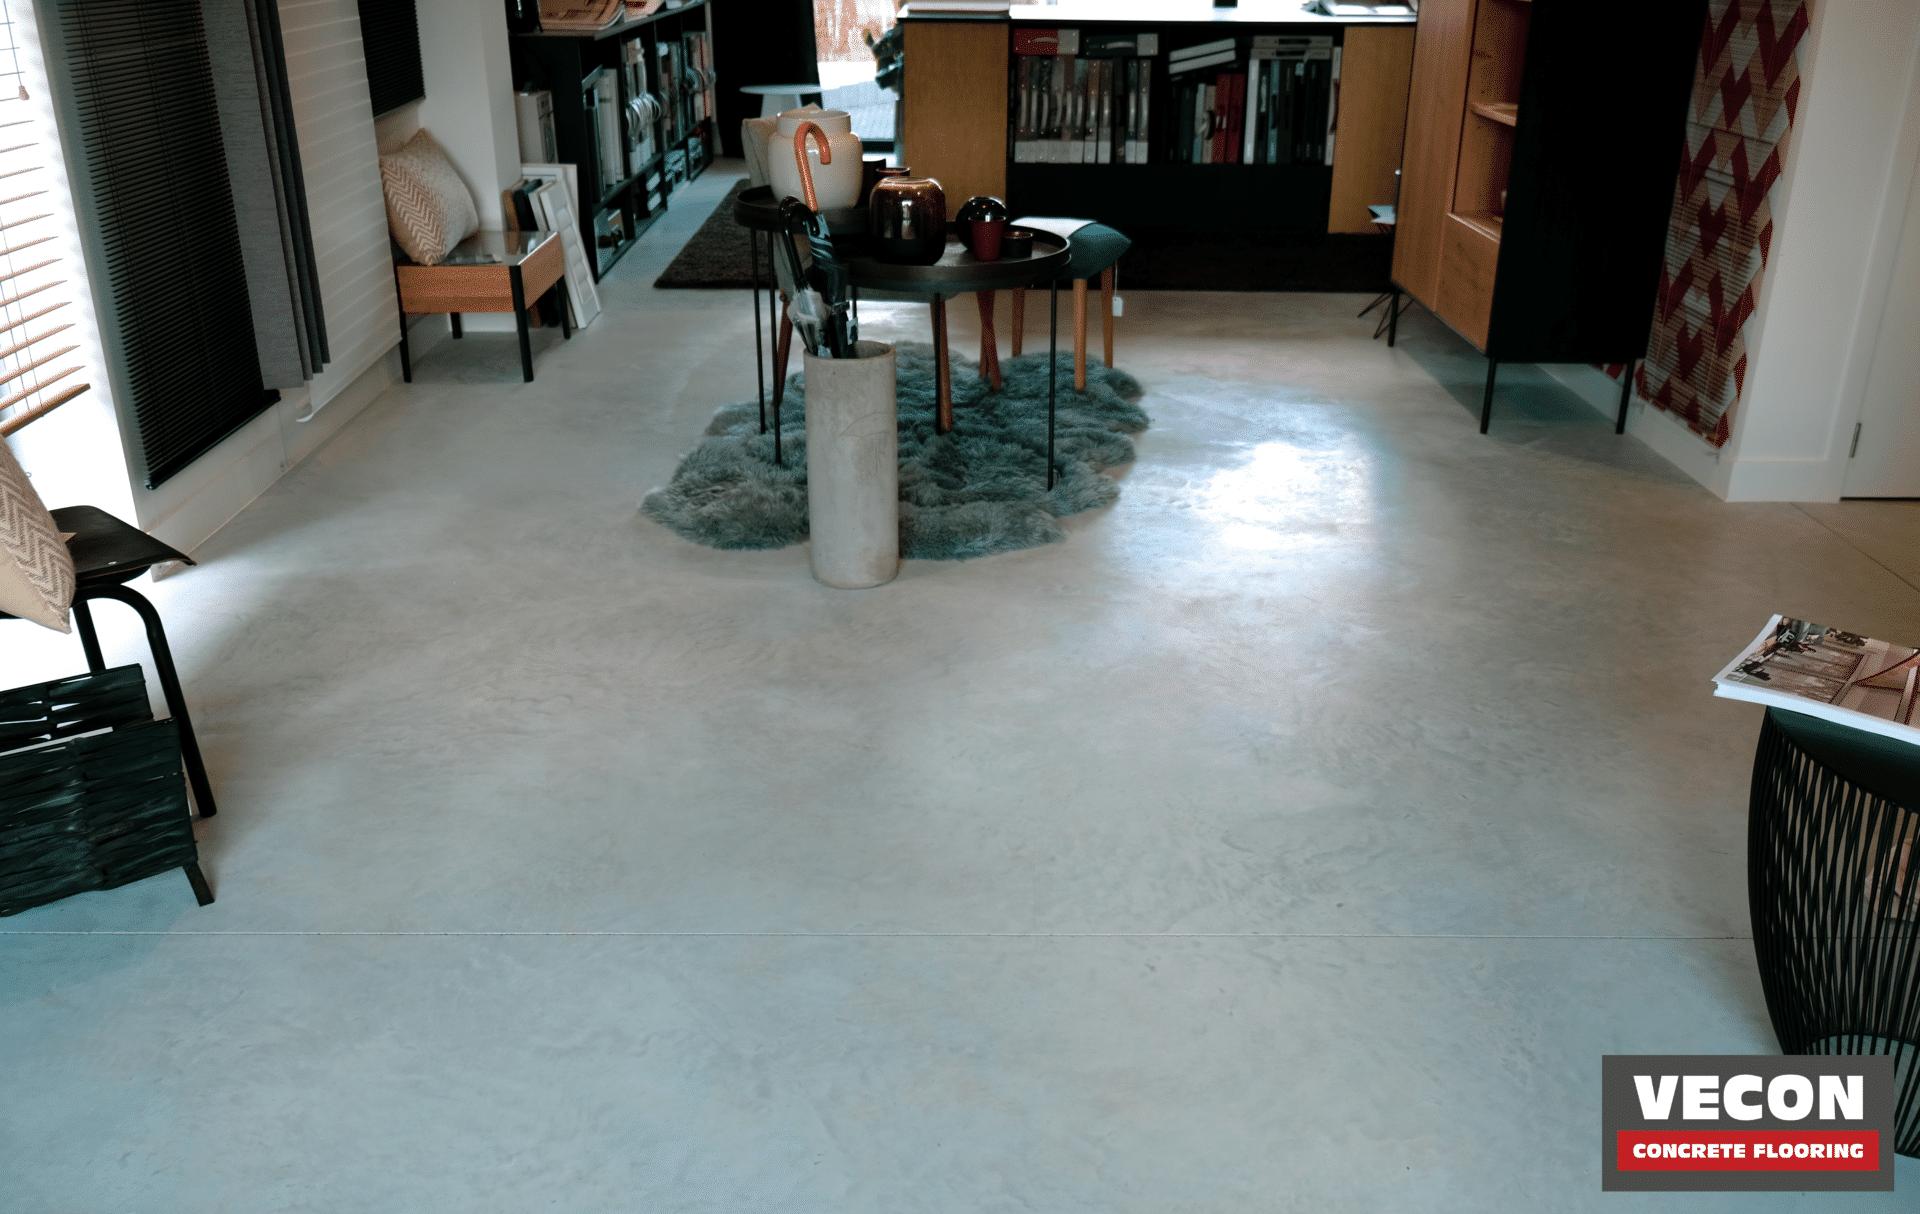 gepolierde betonvloer winkel Indigo